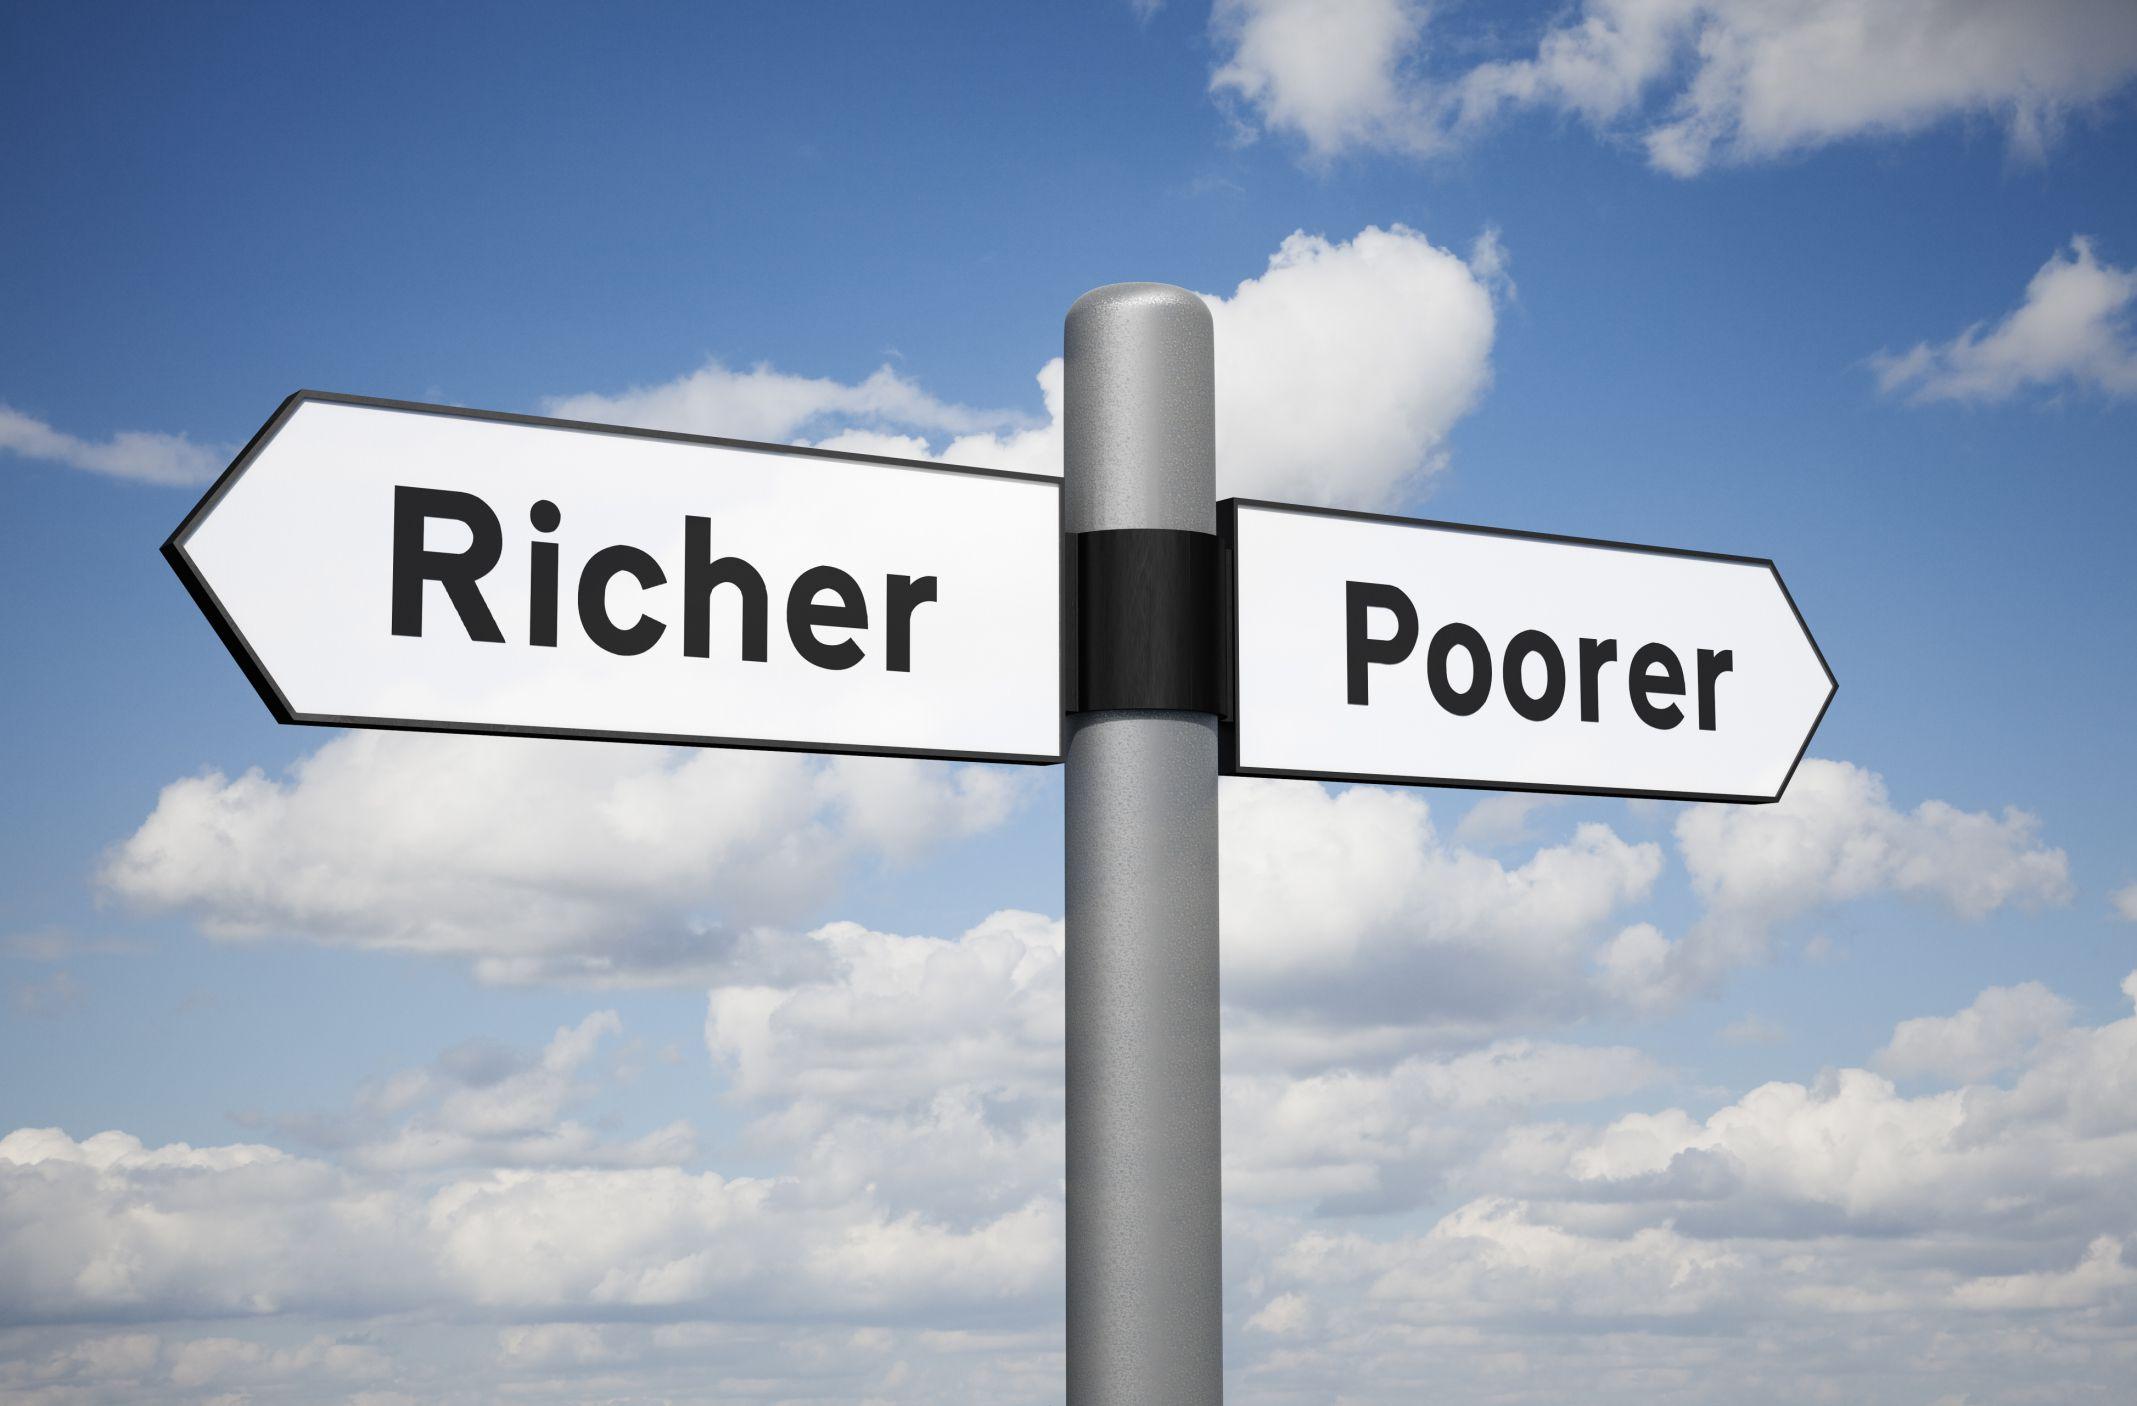 Resultado de imagem para rich and poor inequality